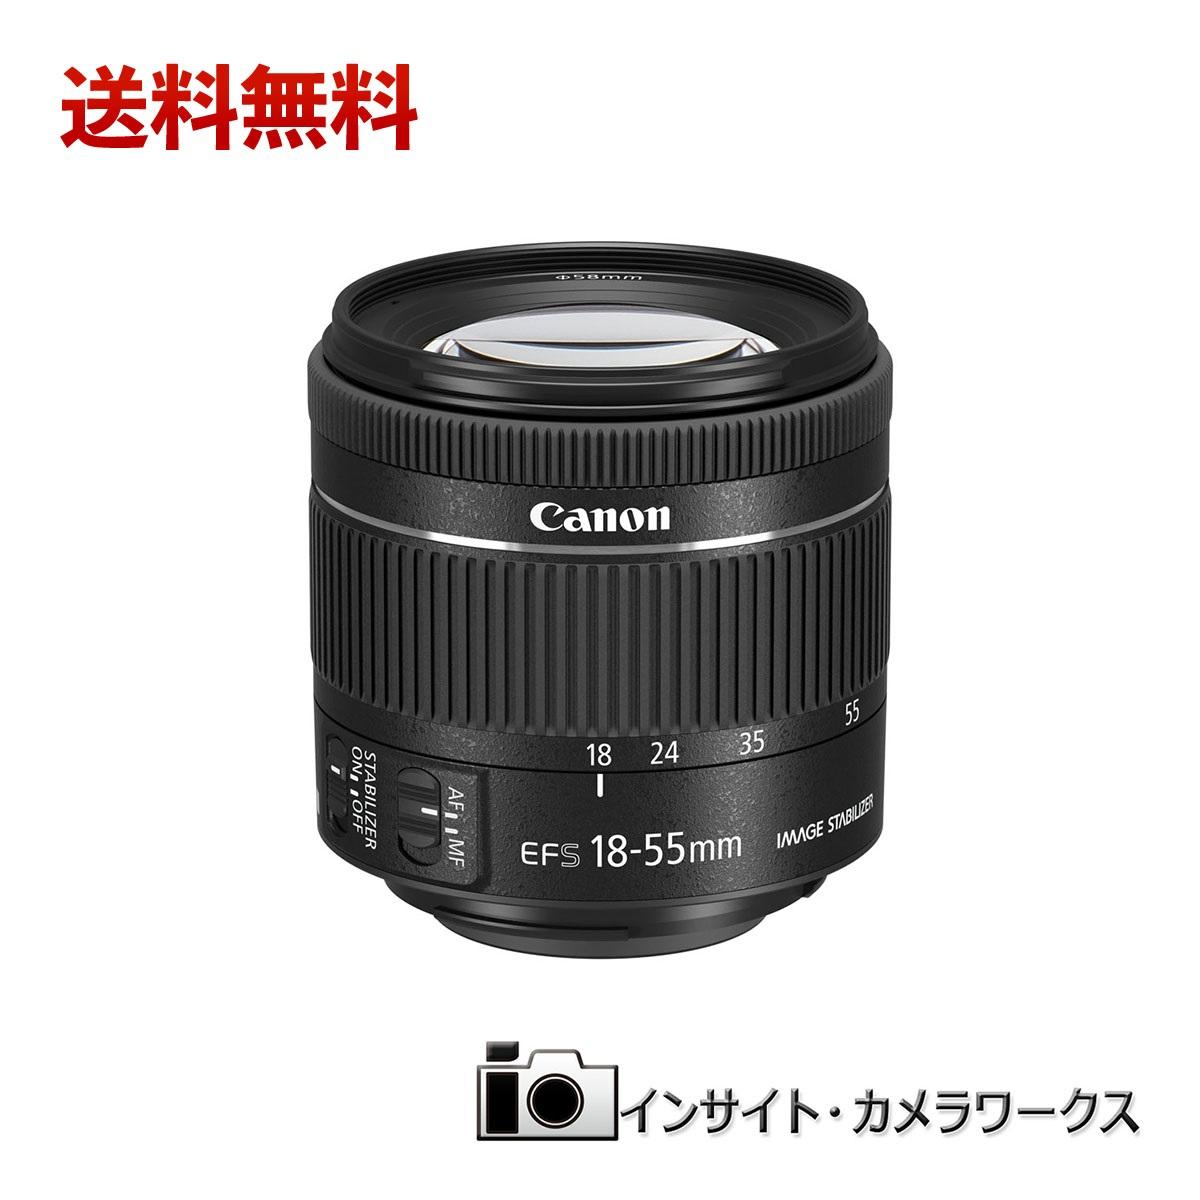 【特別価格】Canon 標準ズームレンズ EF-S18-55mm F4.0-5.6 IS STM APS-C対応 キヤノン F4-5.6 ex